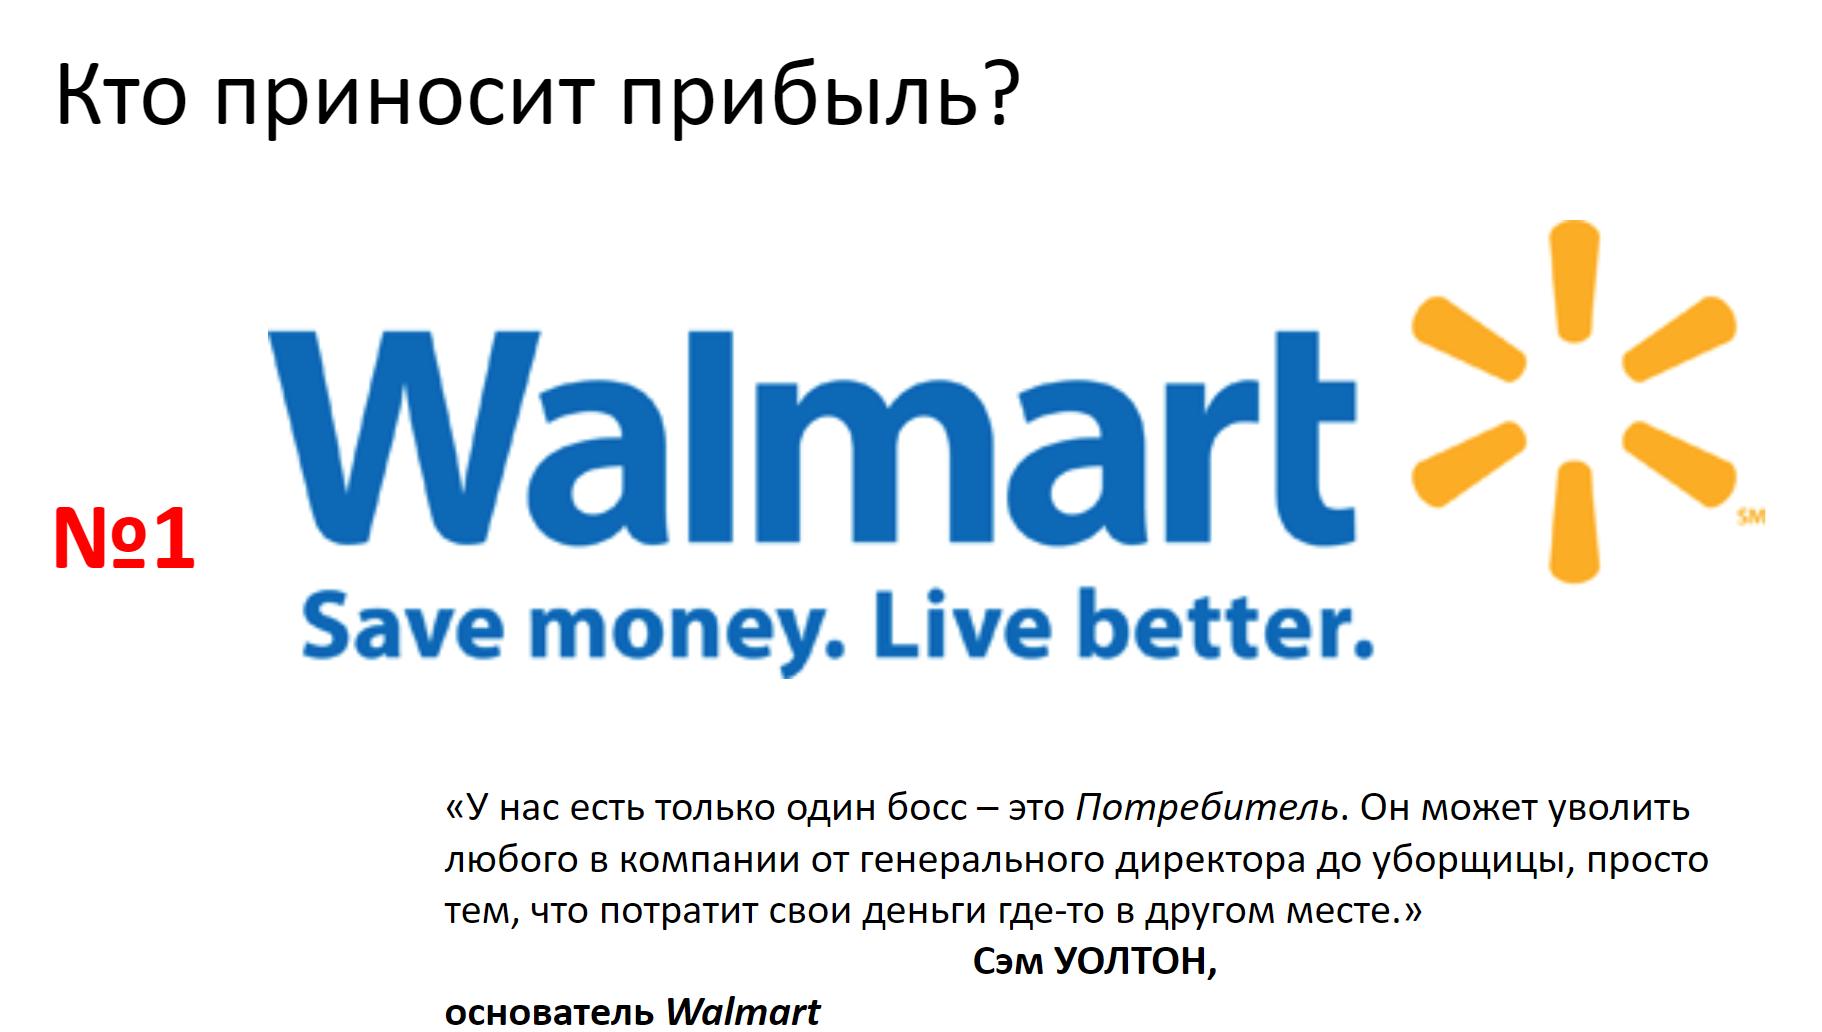 Компанія Walmart – лідер списку Fortune 500 серед найбільших компаній світу